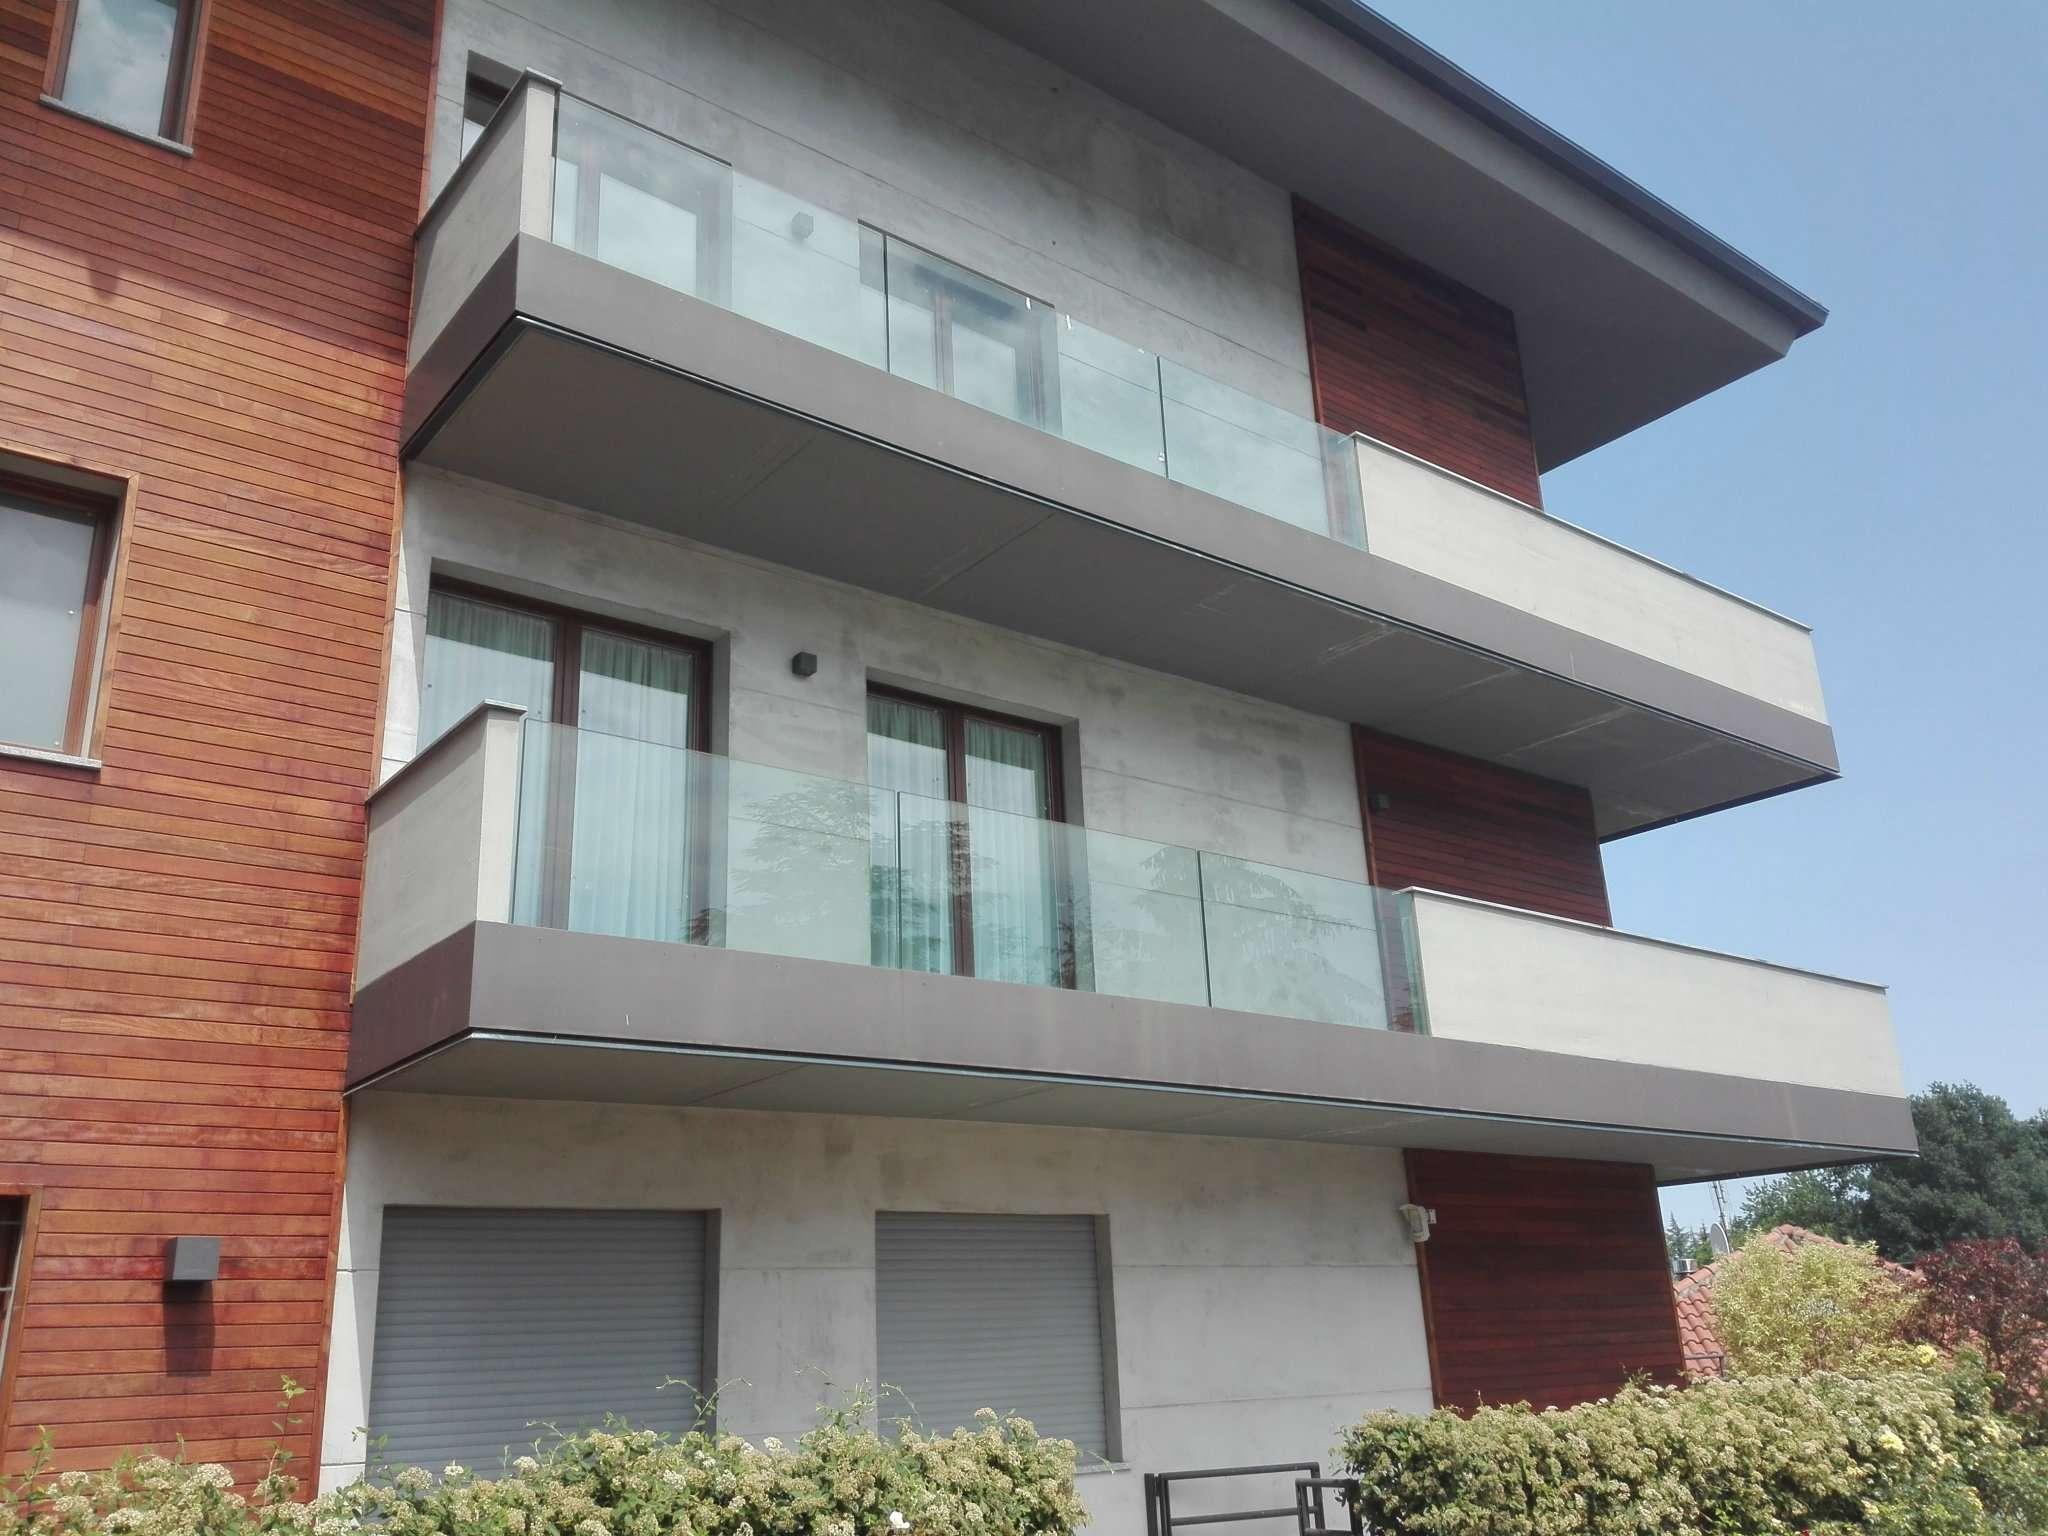 Appartamento in vendita a Pecetto Torinese, 9999 locali, prezzo € 198.000 | CambioCasa.it